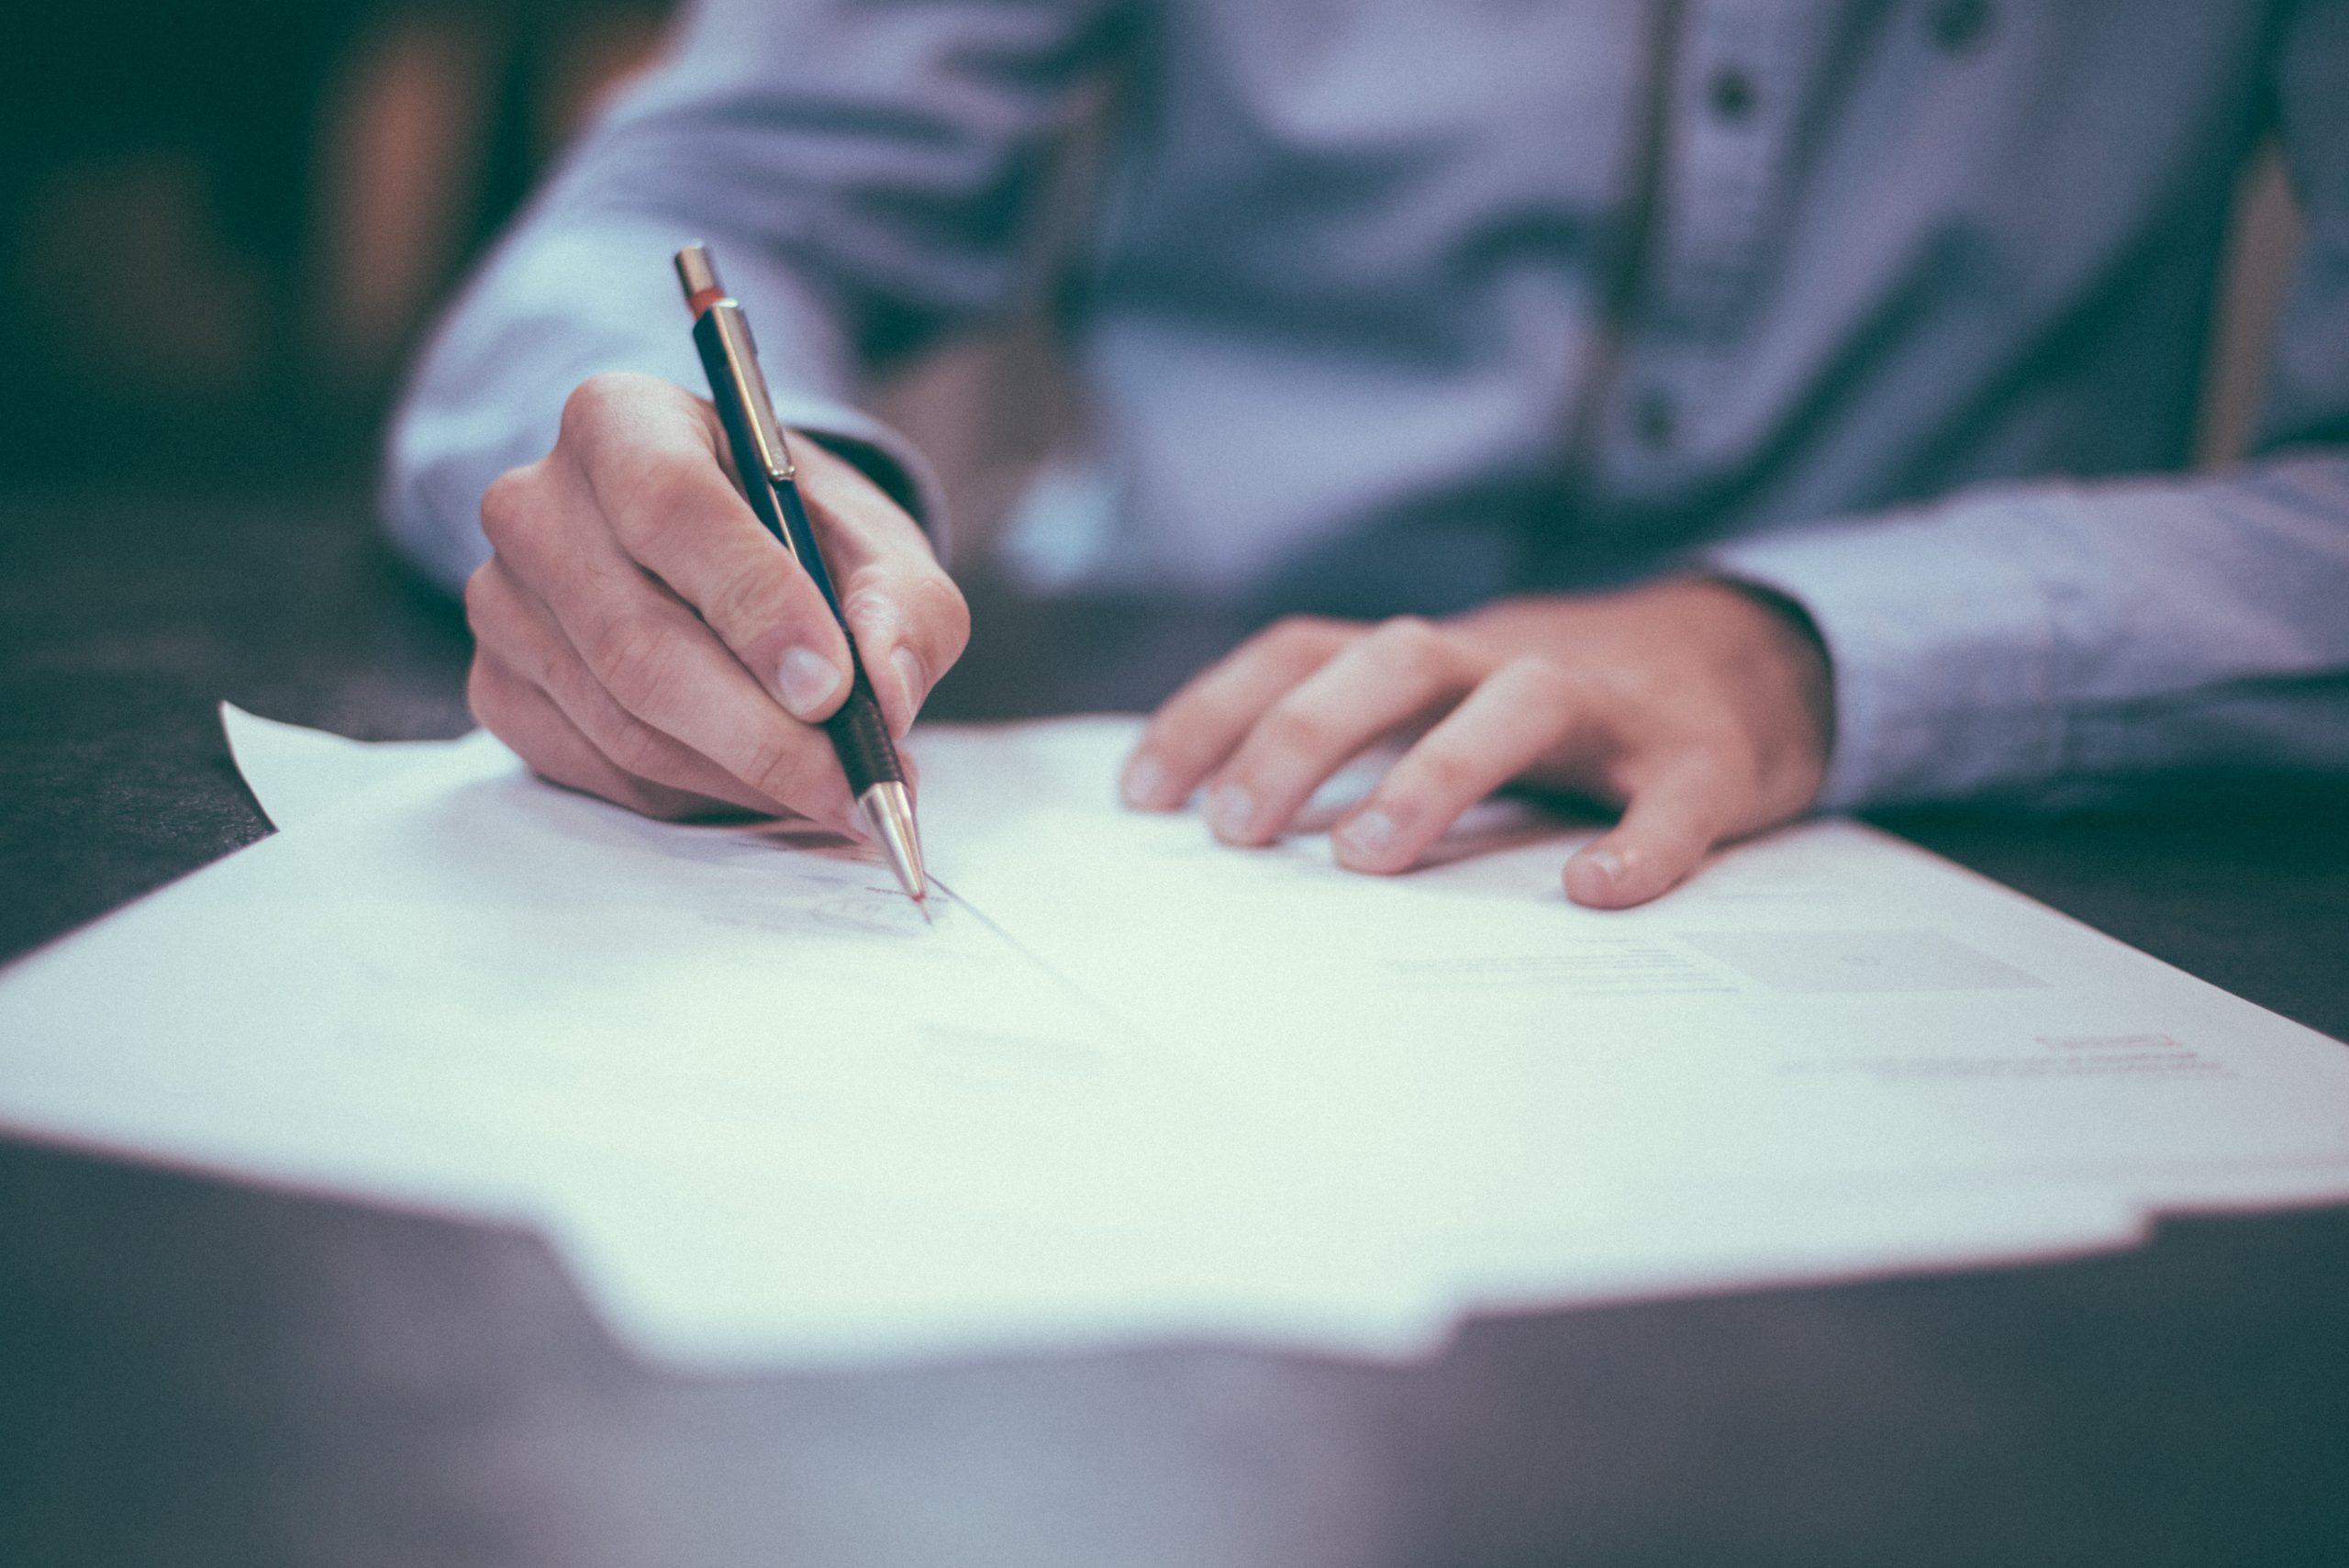 avtal underskrift för golvläggning av fiskbensparkett eller golvslipning pigmentering